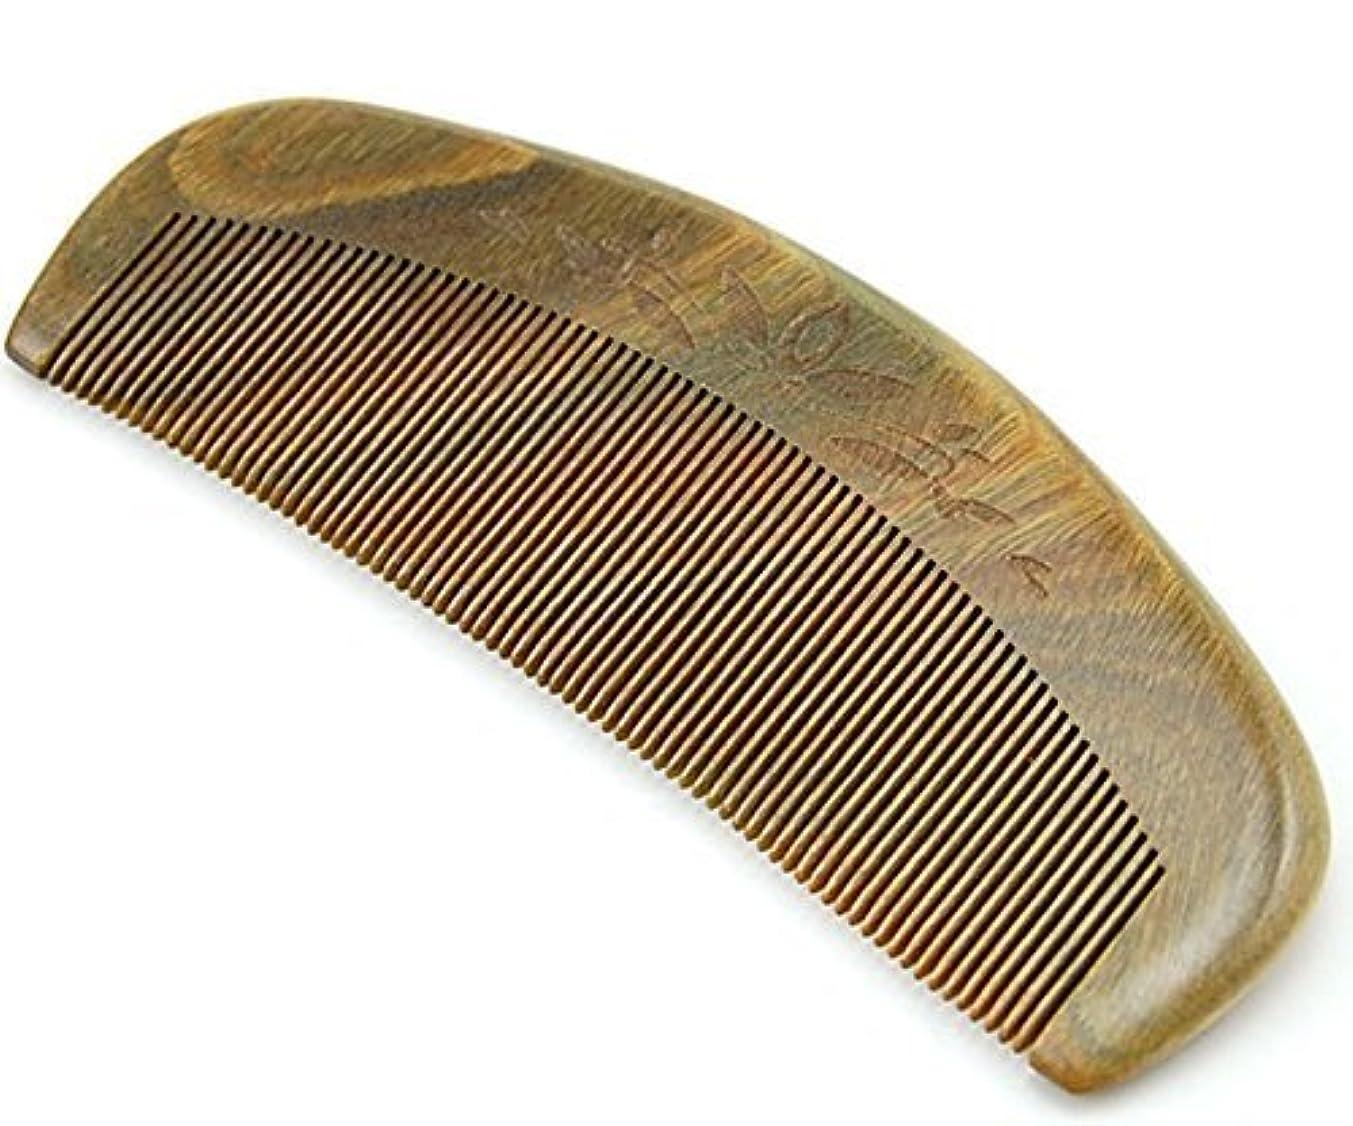 地域の継続中ギャロップJoyo Natural Green Sandalwood Fine Tooth Comb, Anti Static Pocket Wooden Comb 5